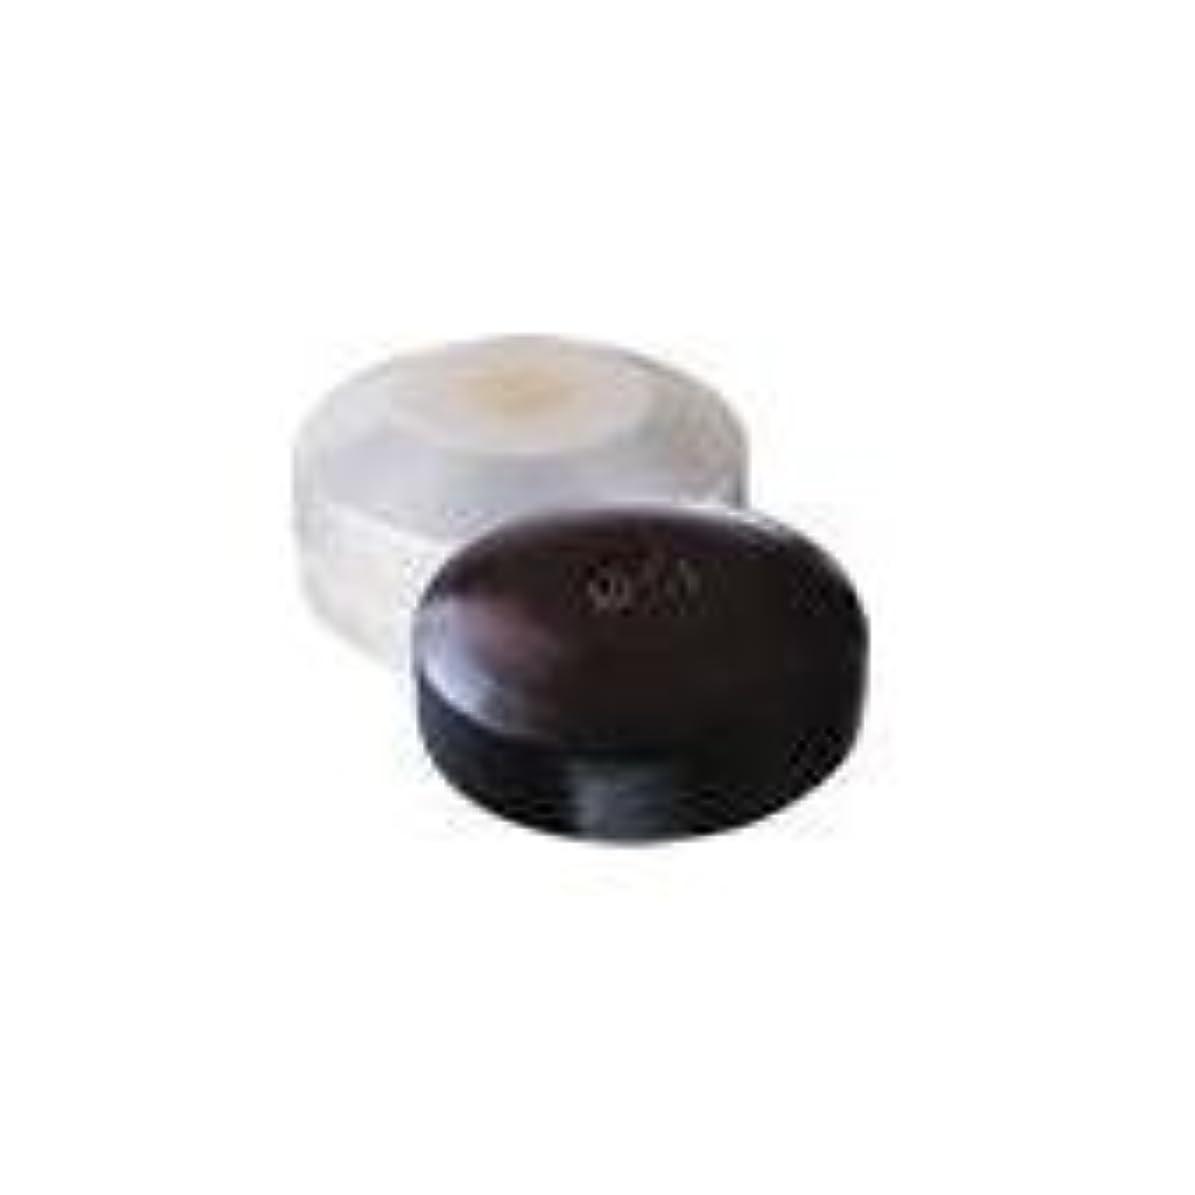 虚栄心鎮痛剤チャールズキージングマミヤン アロエ エクセルソープ 120g(ケース付き)<石鹸>